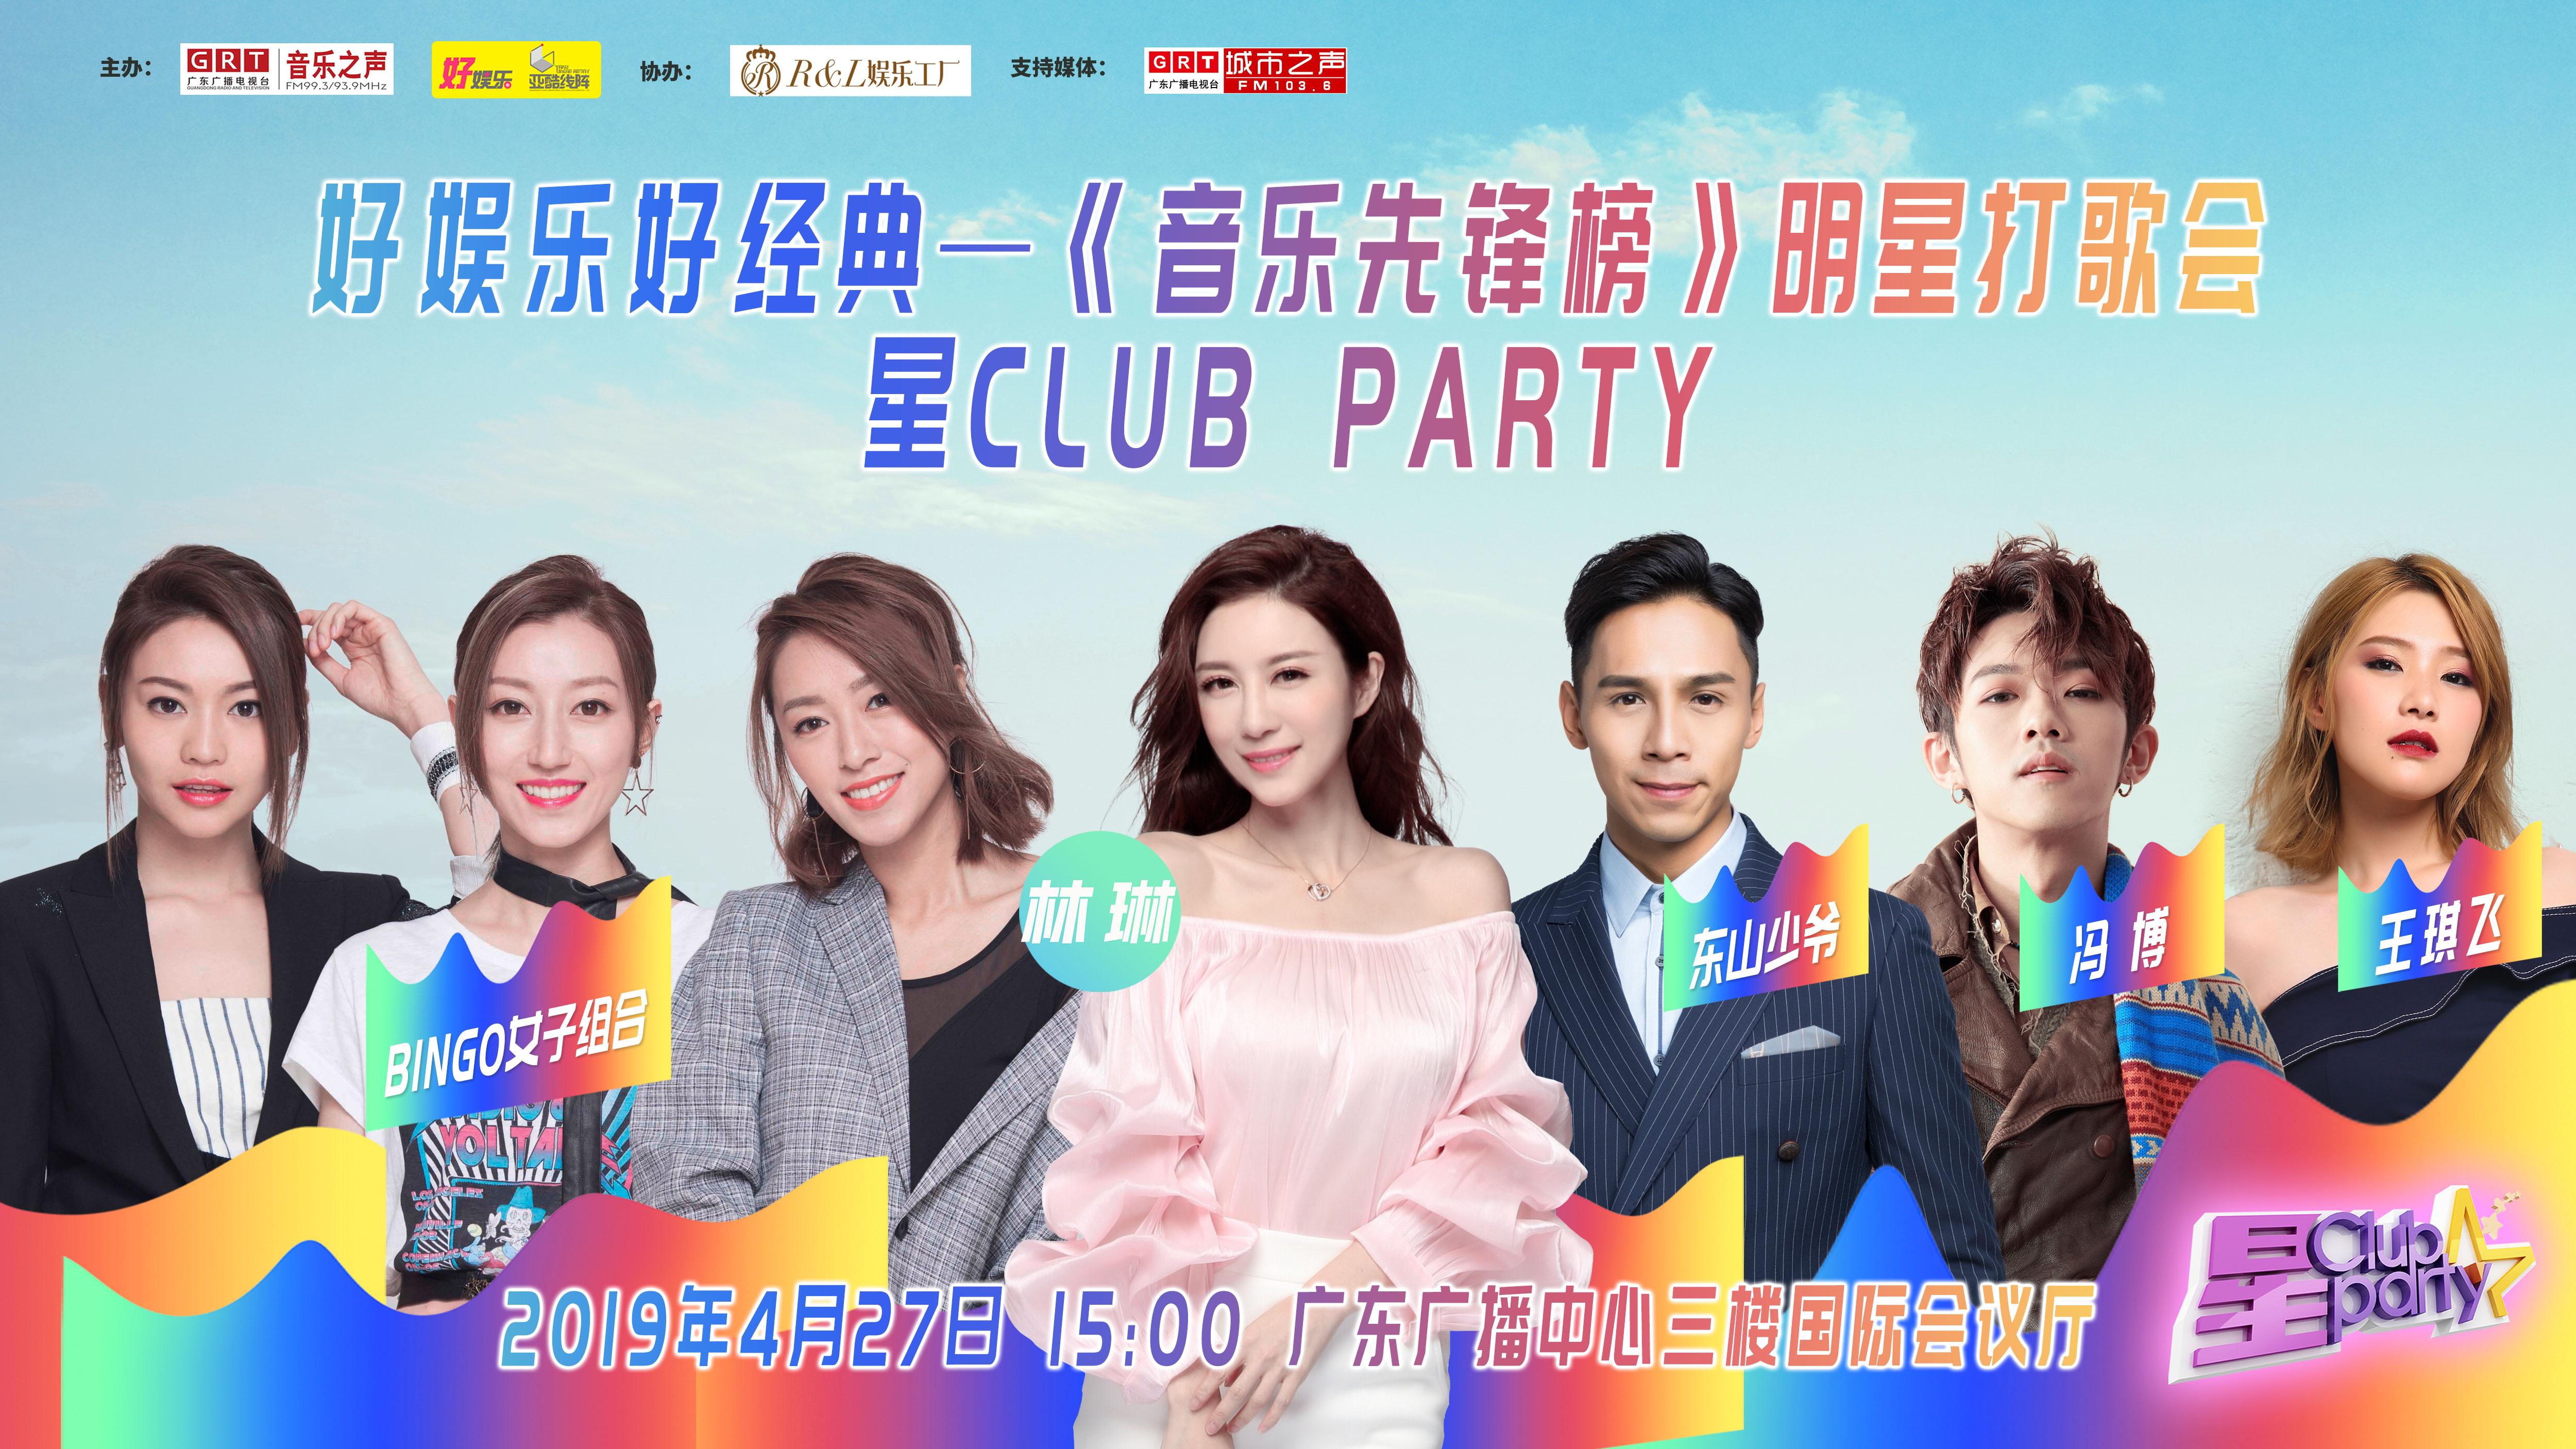 好娱乐好经典—星Club Party